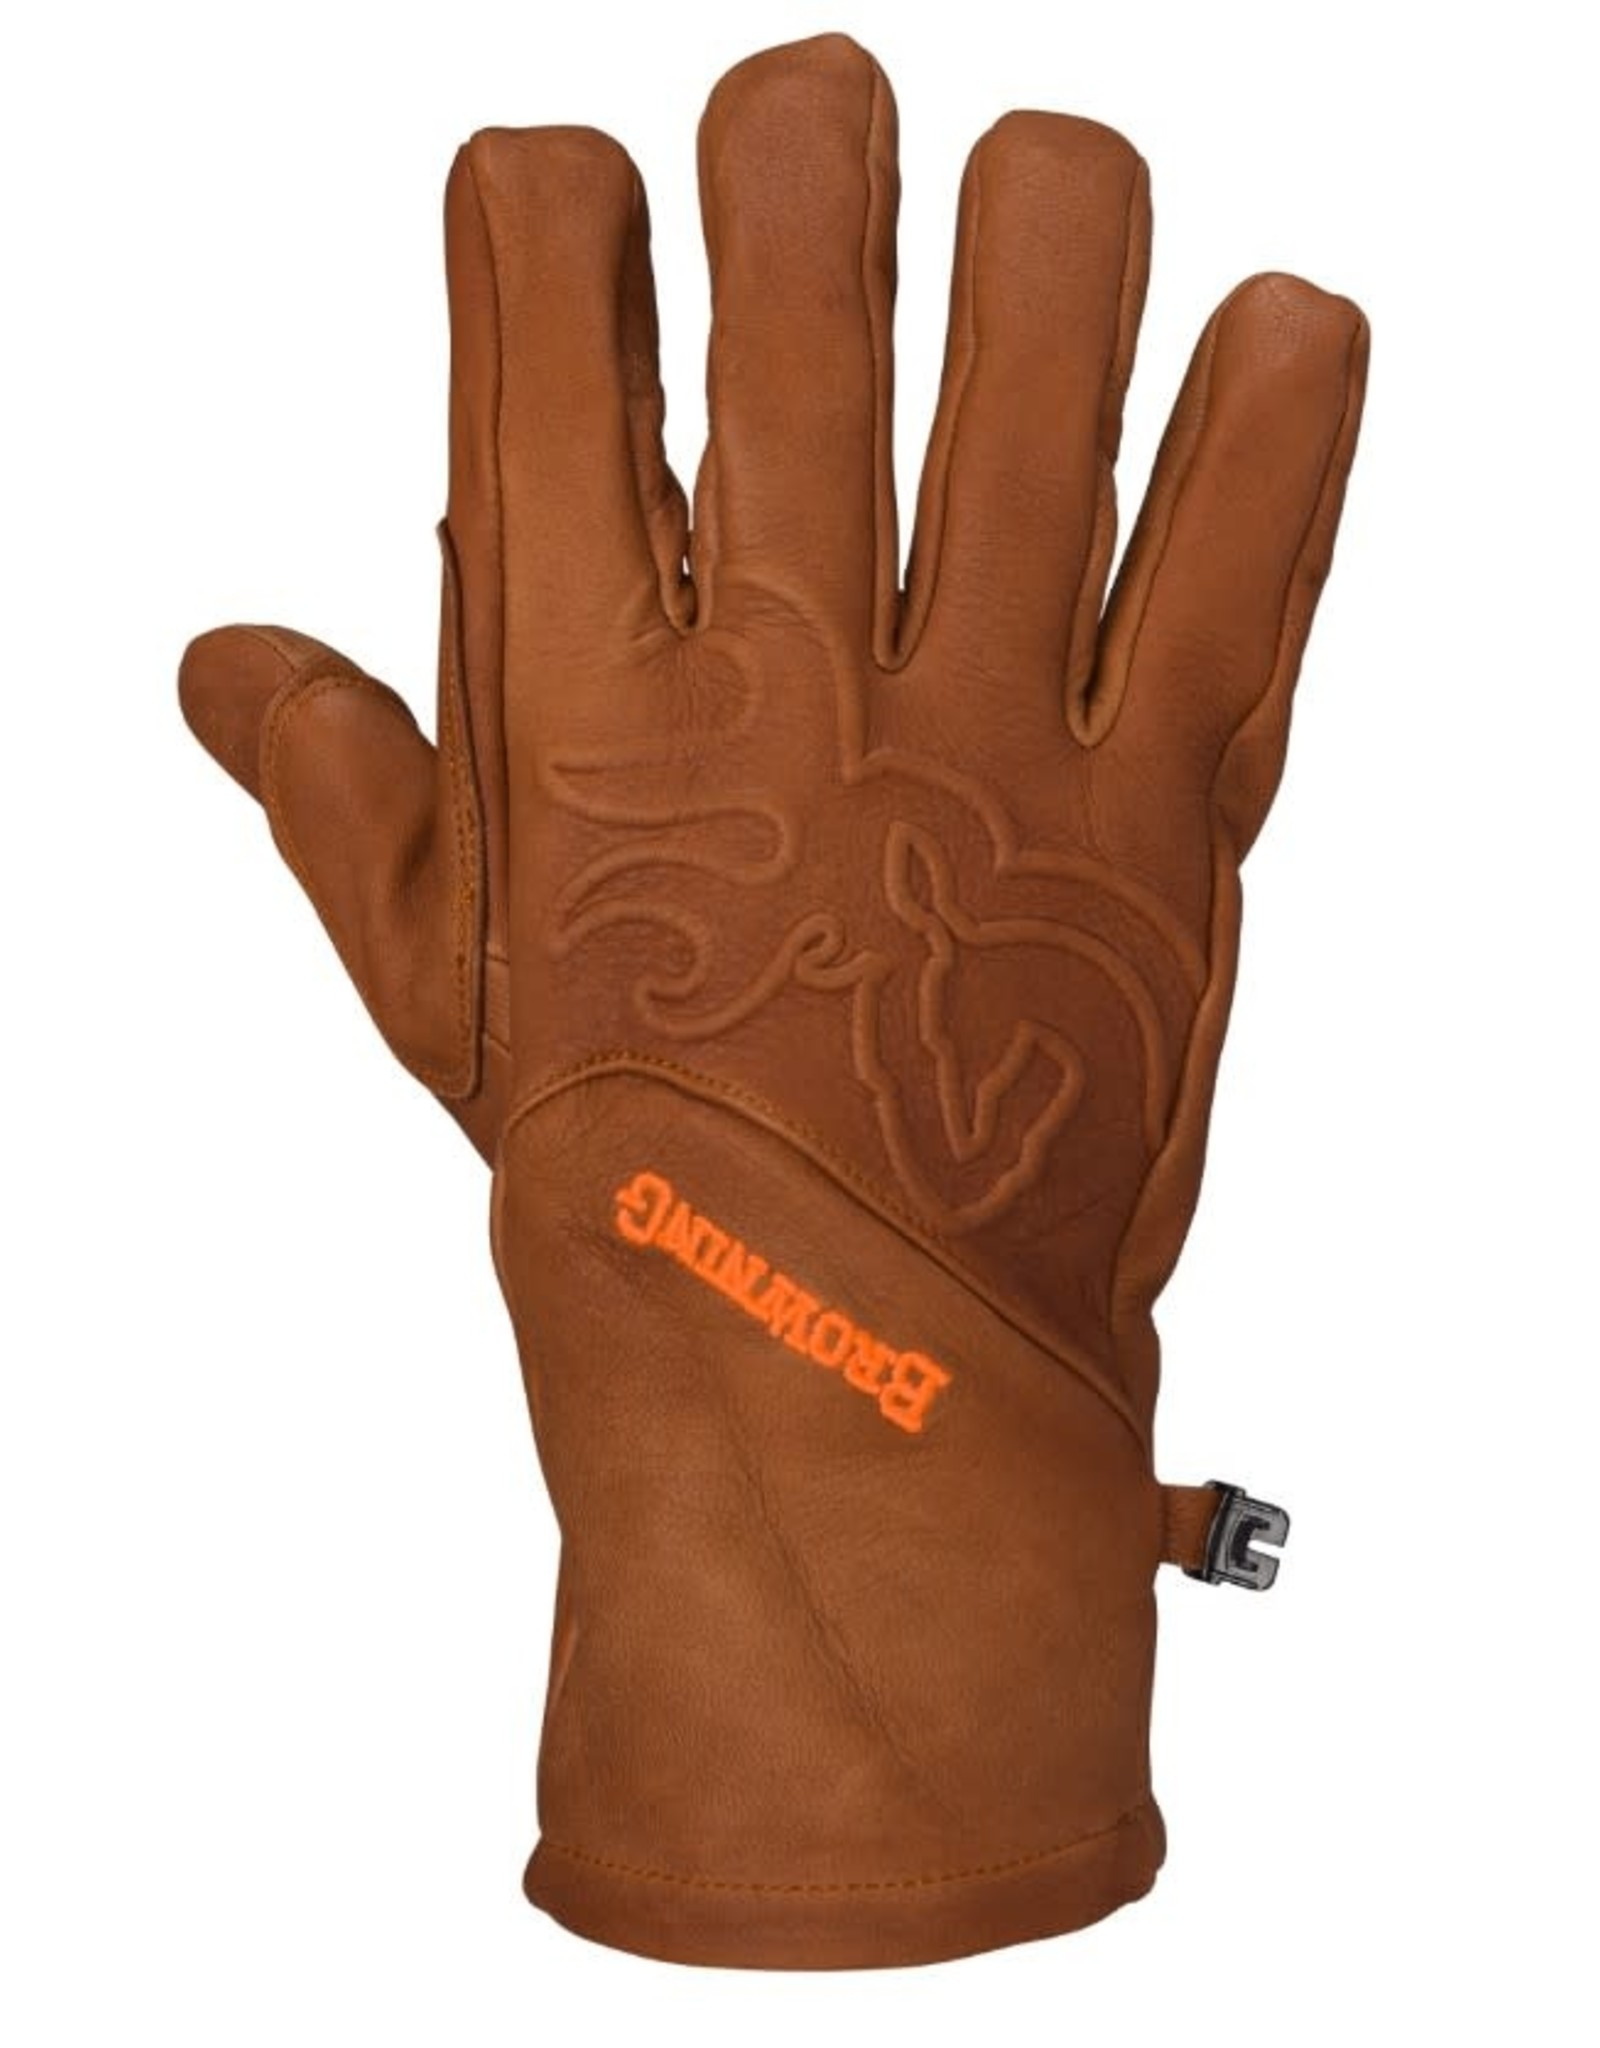 Browning Shooters Glove - Upland Deerskin - LG